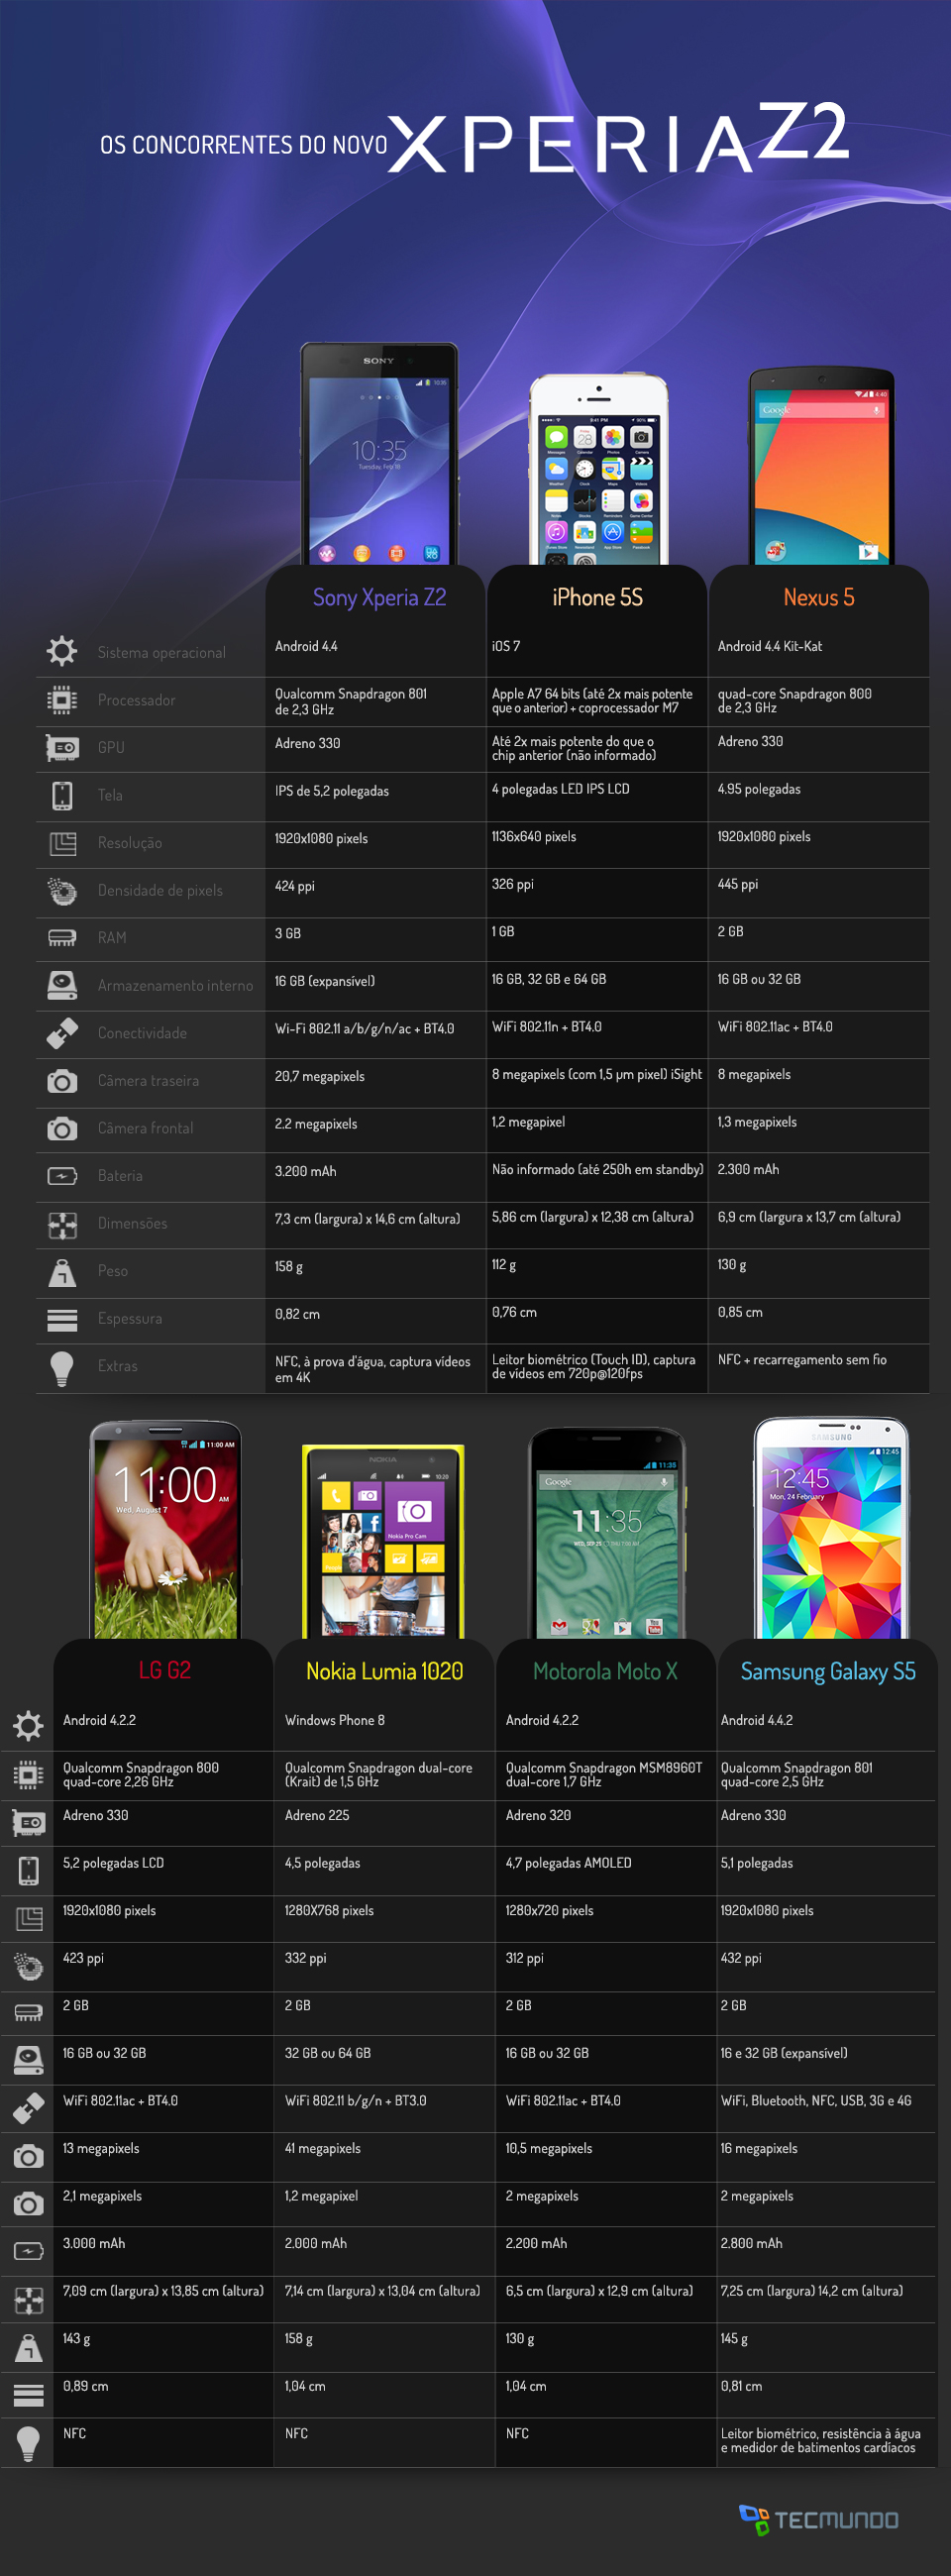 Comparação: Sony Xperia Z2 contra os principais smartphones do mercado